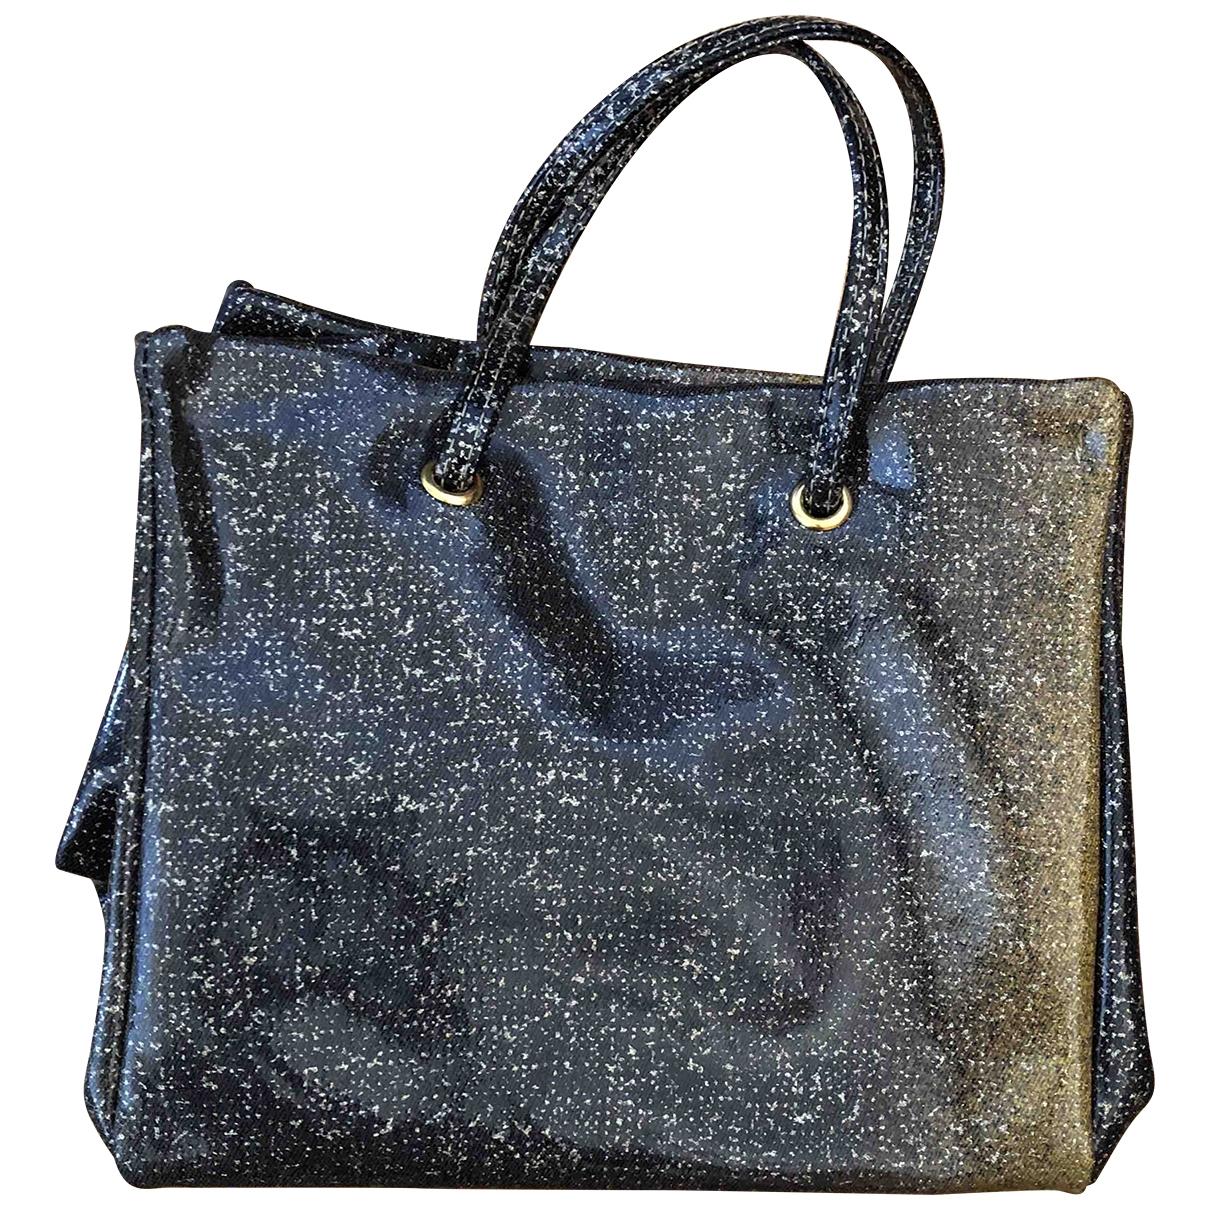 Roberto Cavalli \N Handtasche in  Metallic Kunststoff